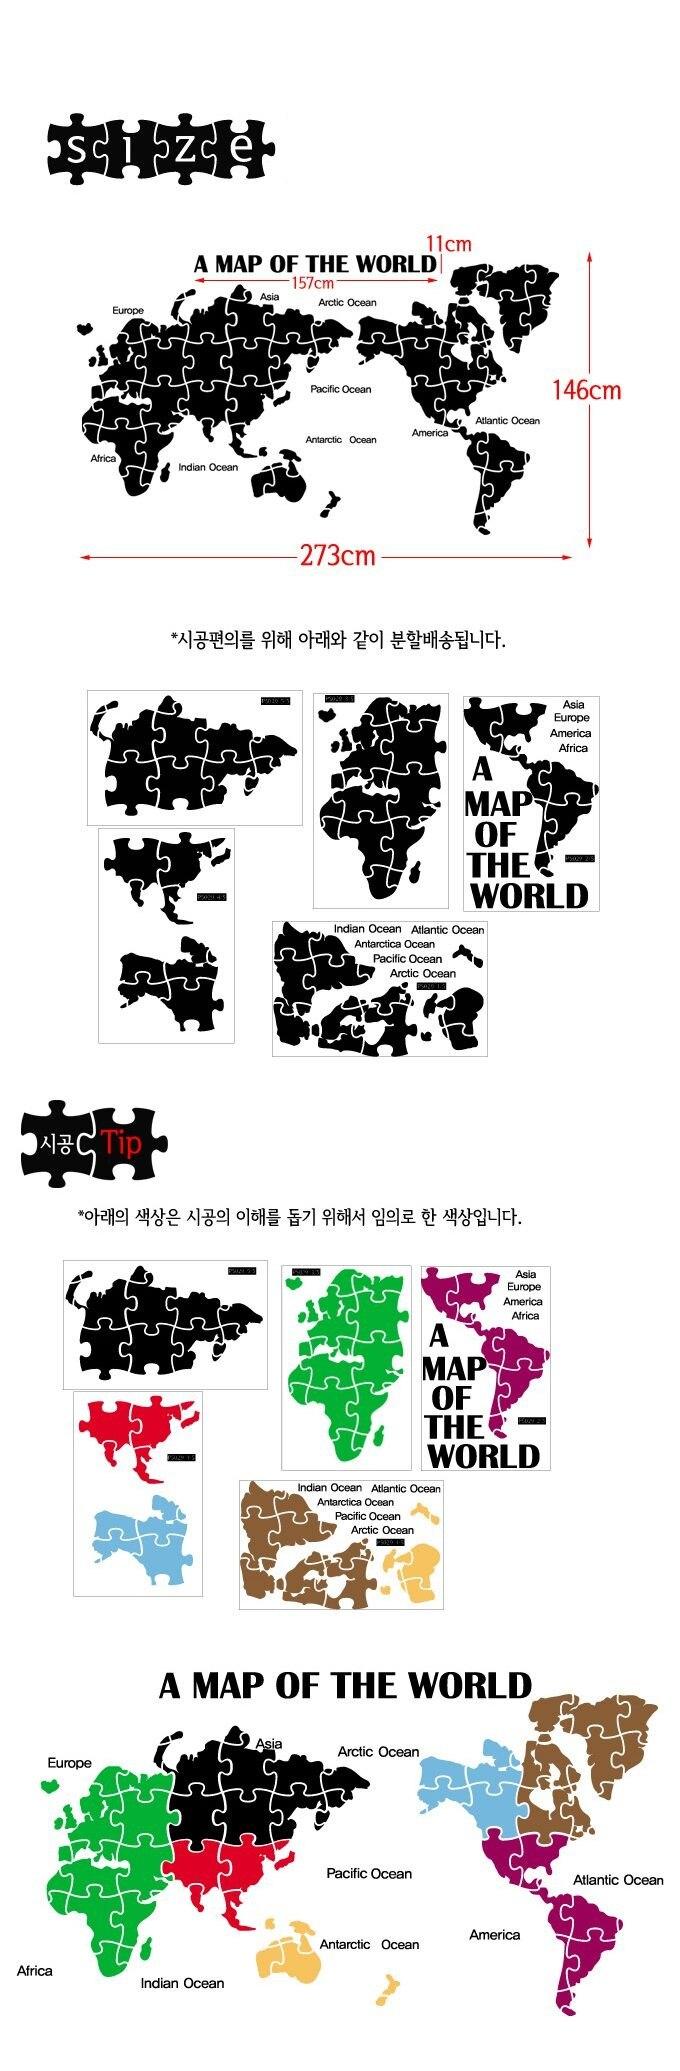 Dctal Dunia Map Dinding Stiker Besar Baru Desain Pola Seni Vinil Kualitas Bagus Getsubject Aeproduct